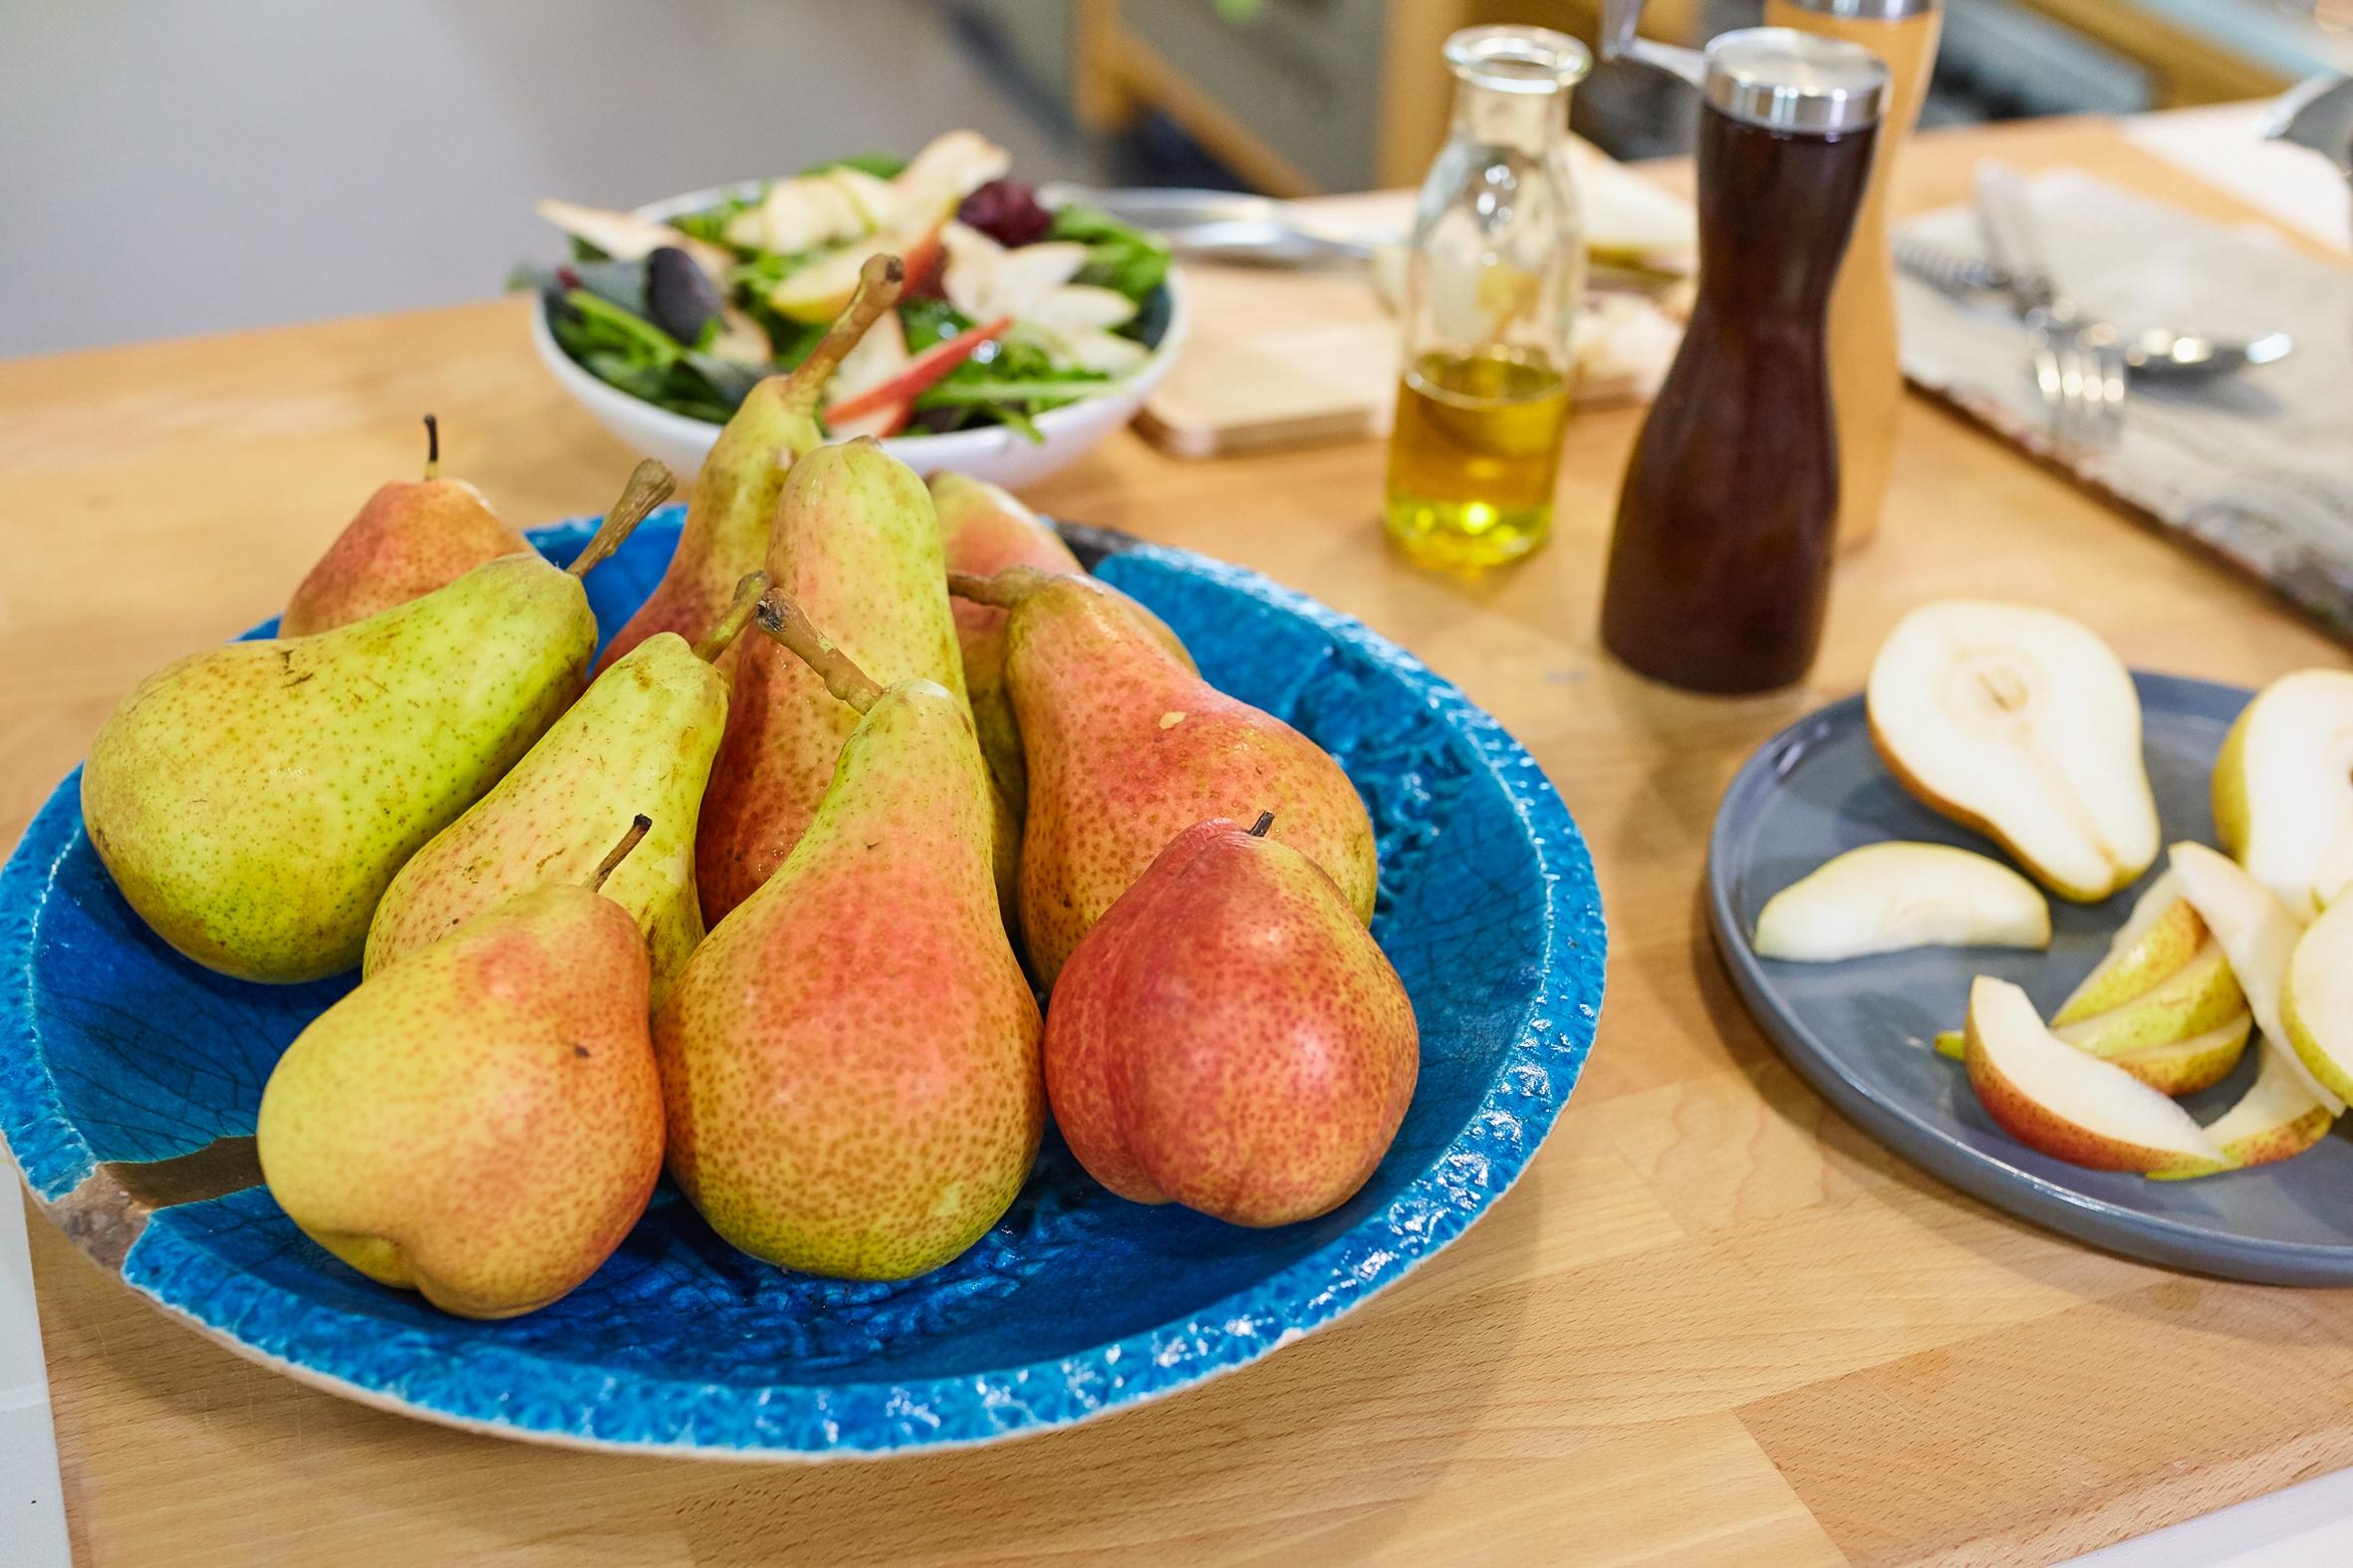 Jetzt heißt es zugreifen: Birnen aus deutschem Anbau sind reif